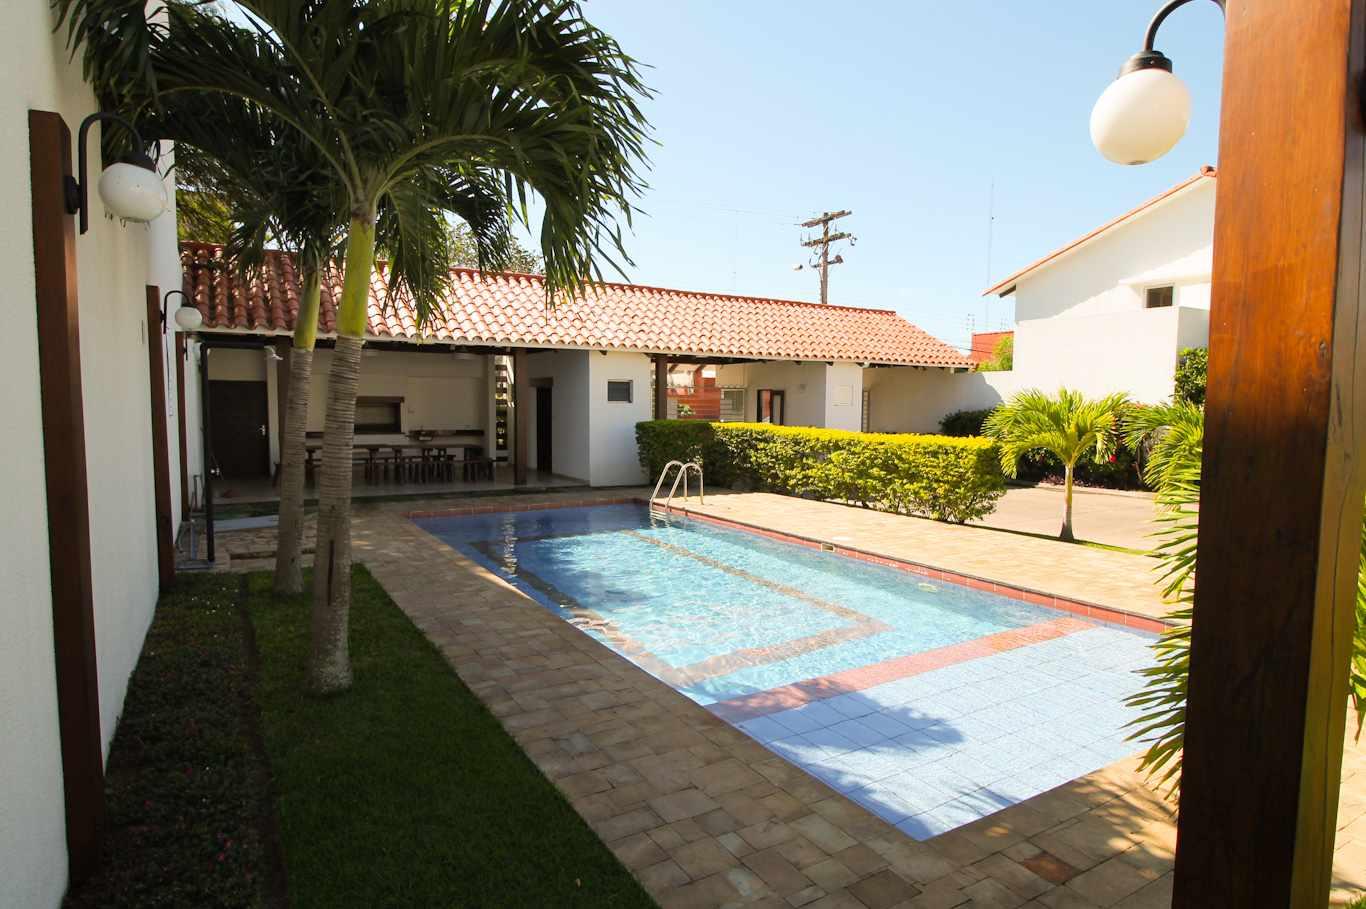 Casa en Venta LINDA CASA EN VENTA EN CONDOMINIO CASTILLA LA MANCHA Foto 13